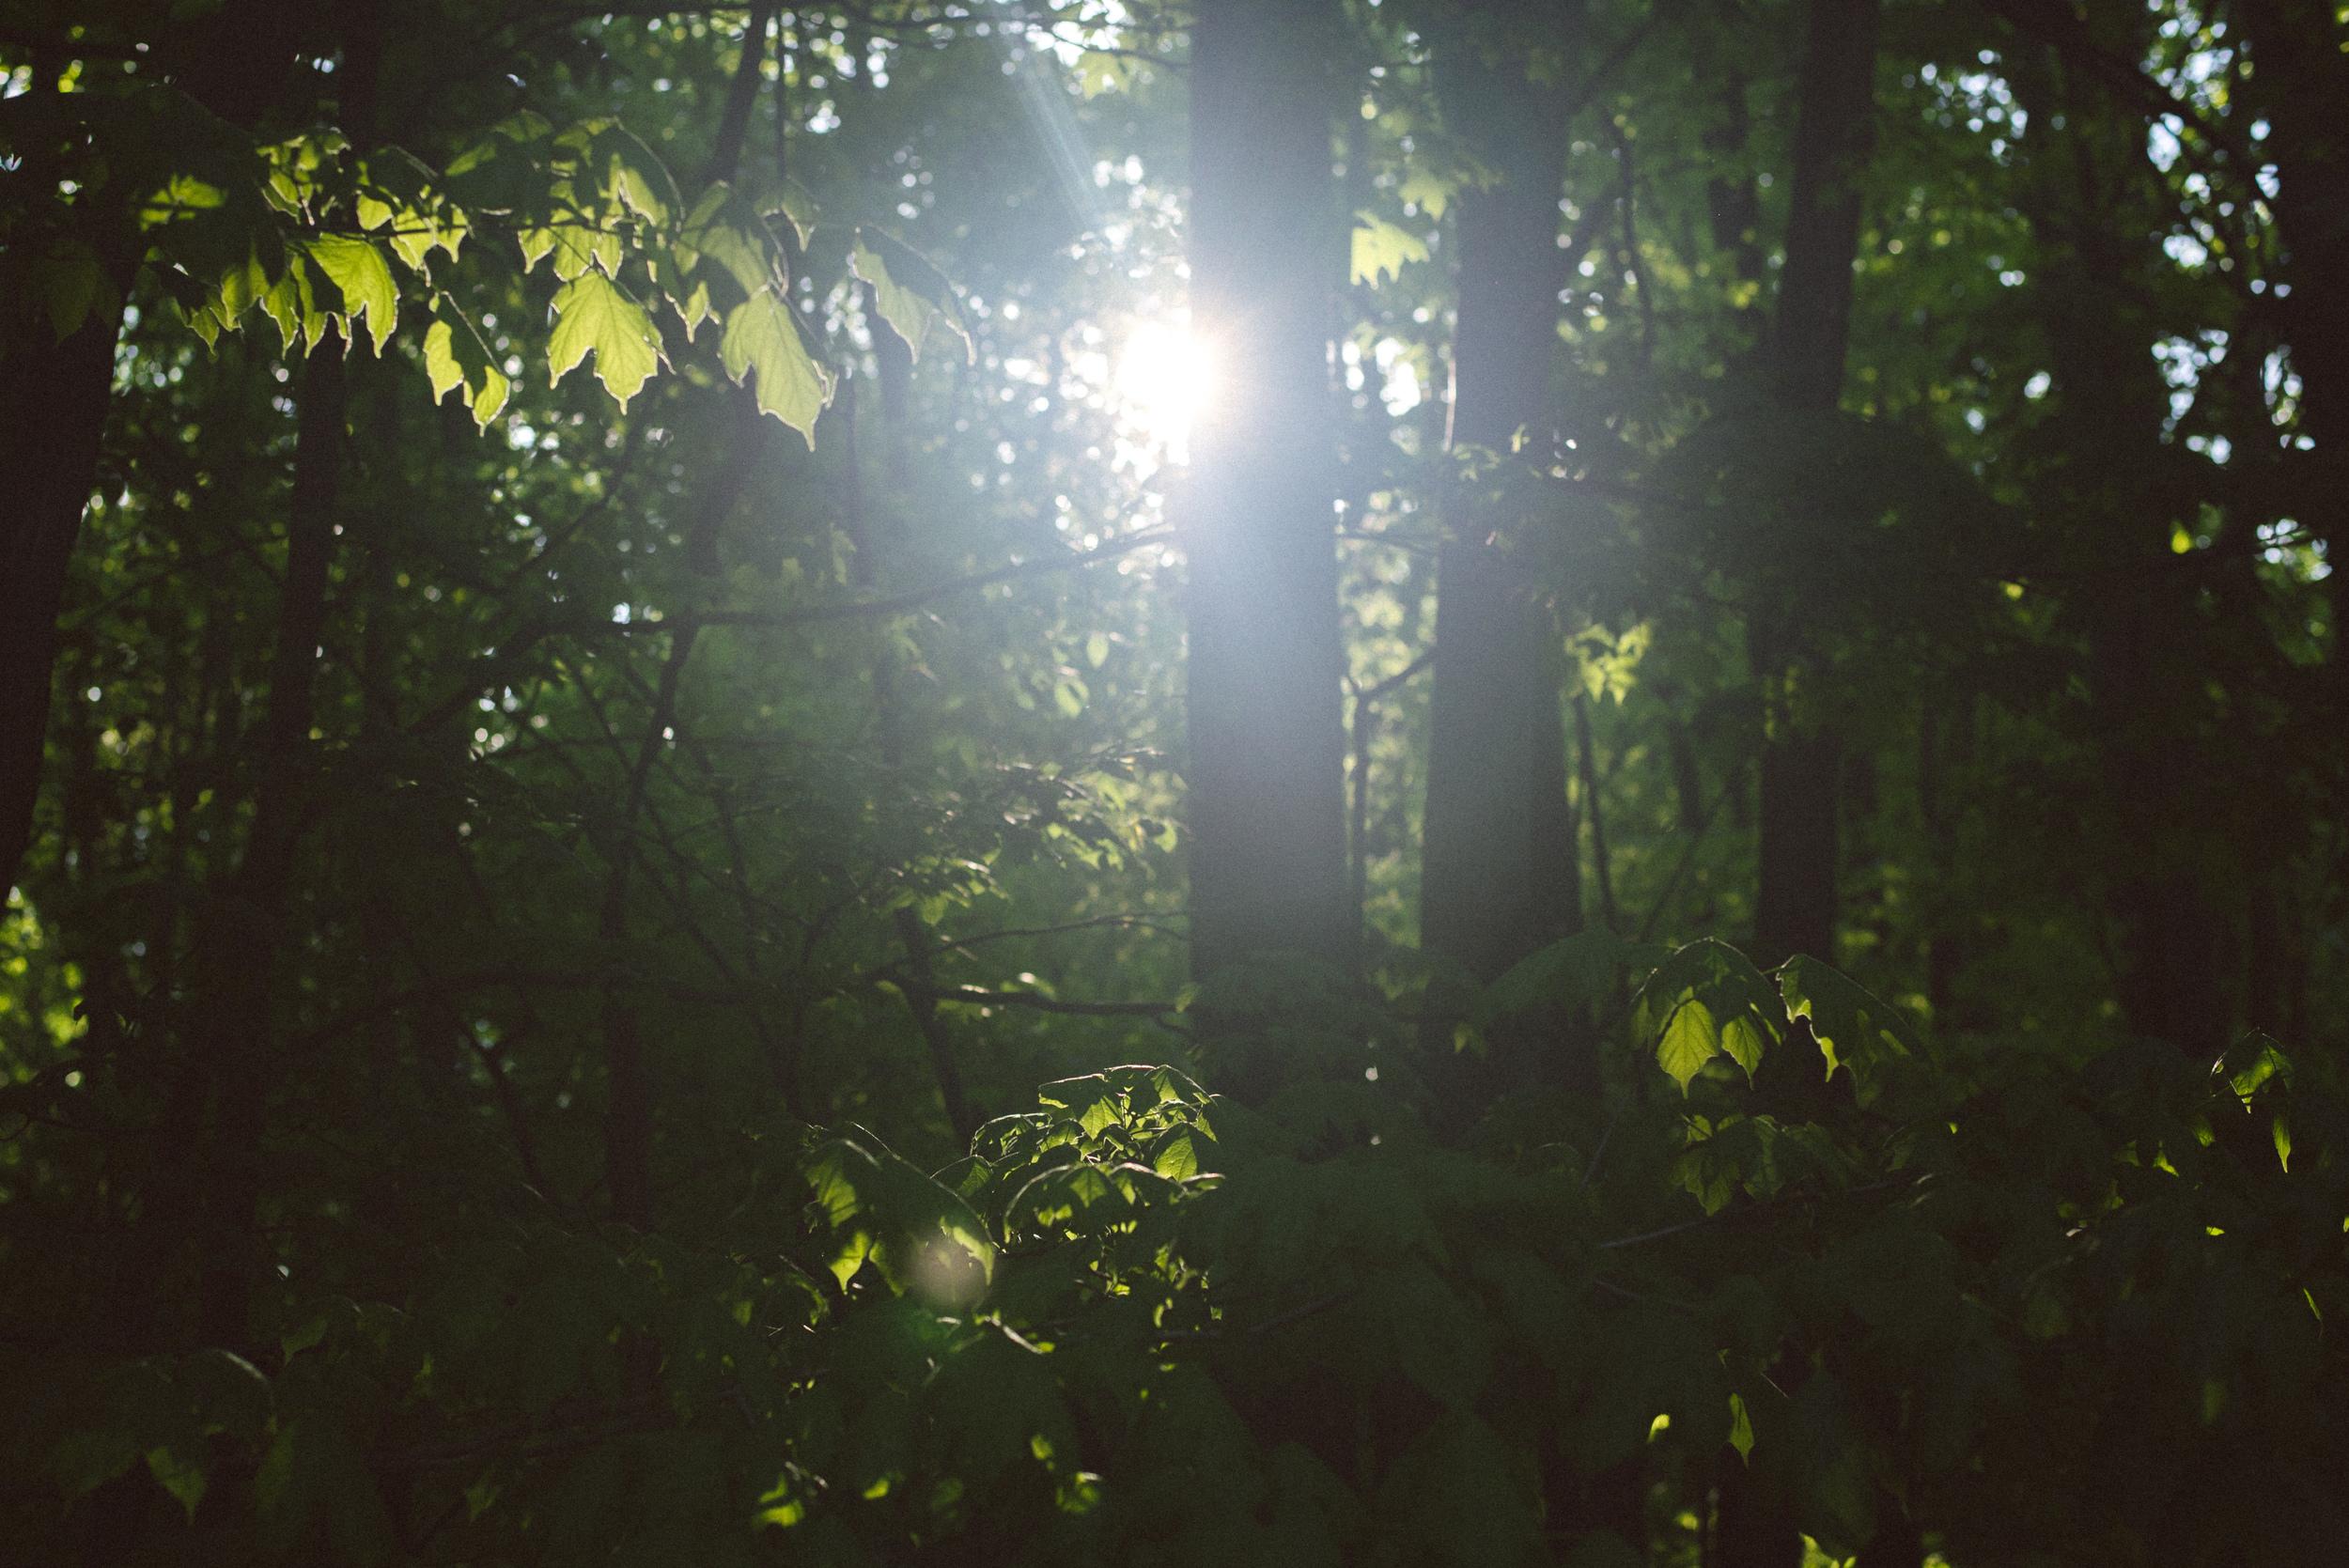 trees-sun-green-summer-natural-light